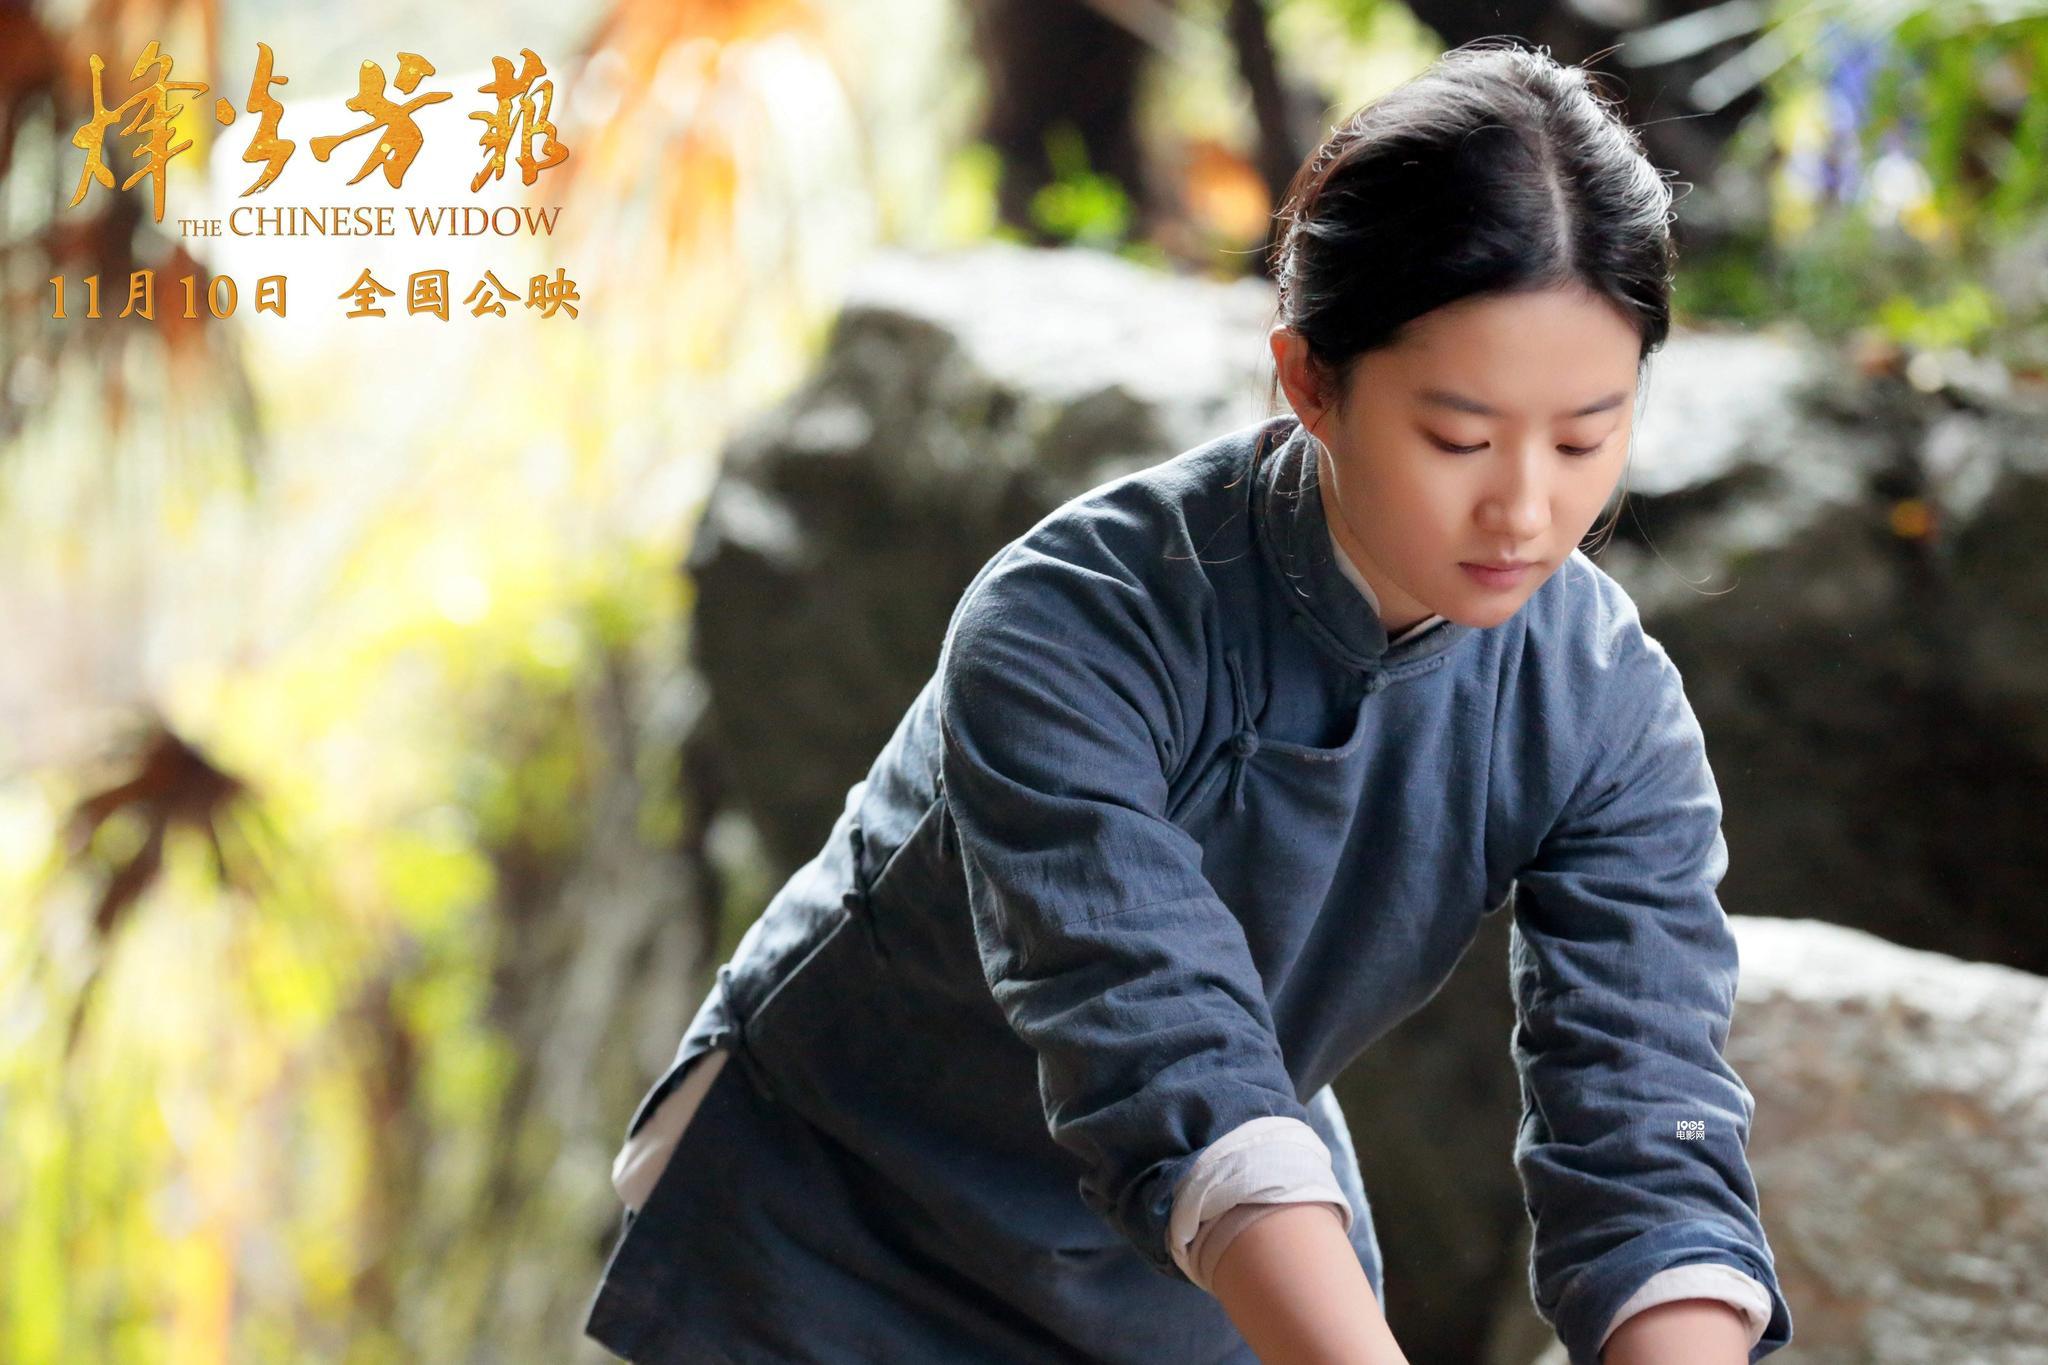 《烽火芳菲》刘亦菲纯素颜出镜 演绎